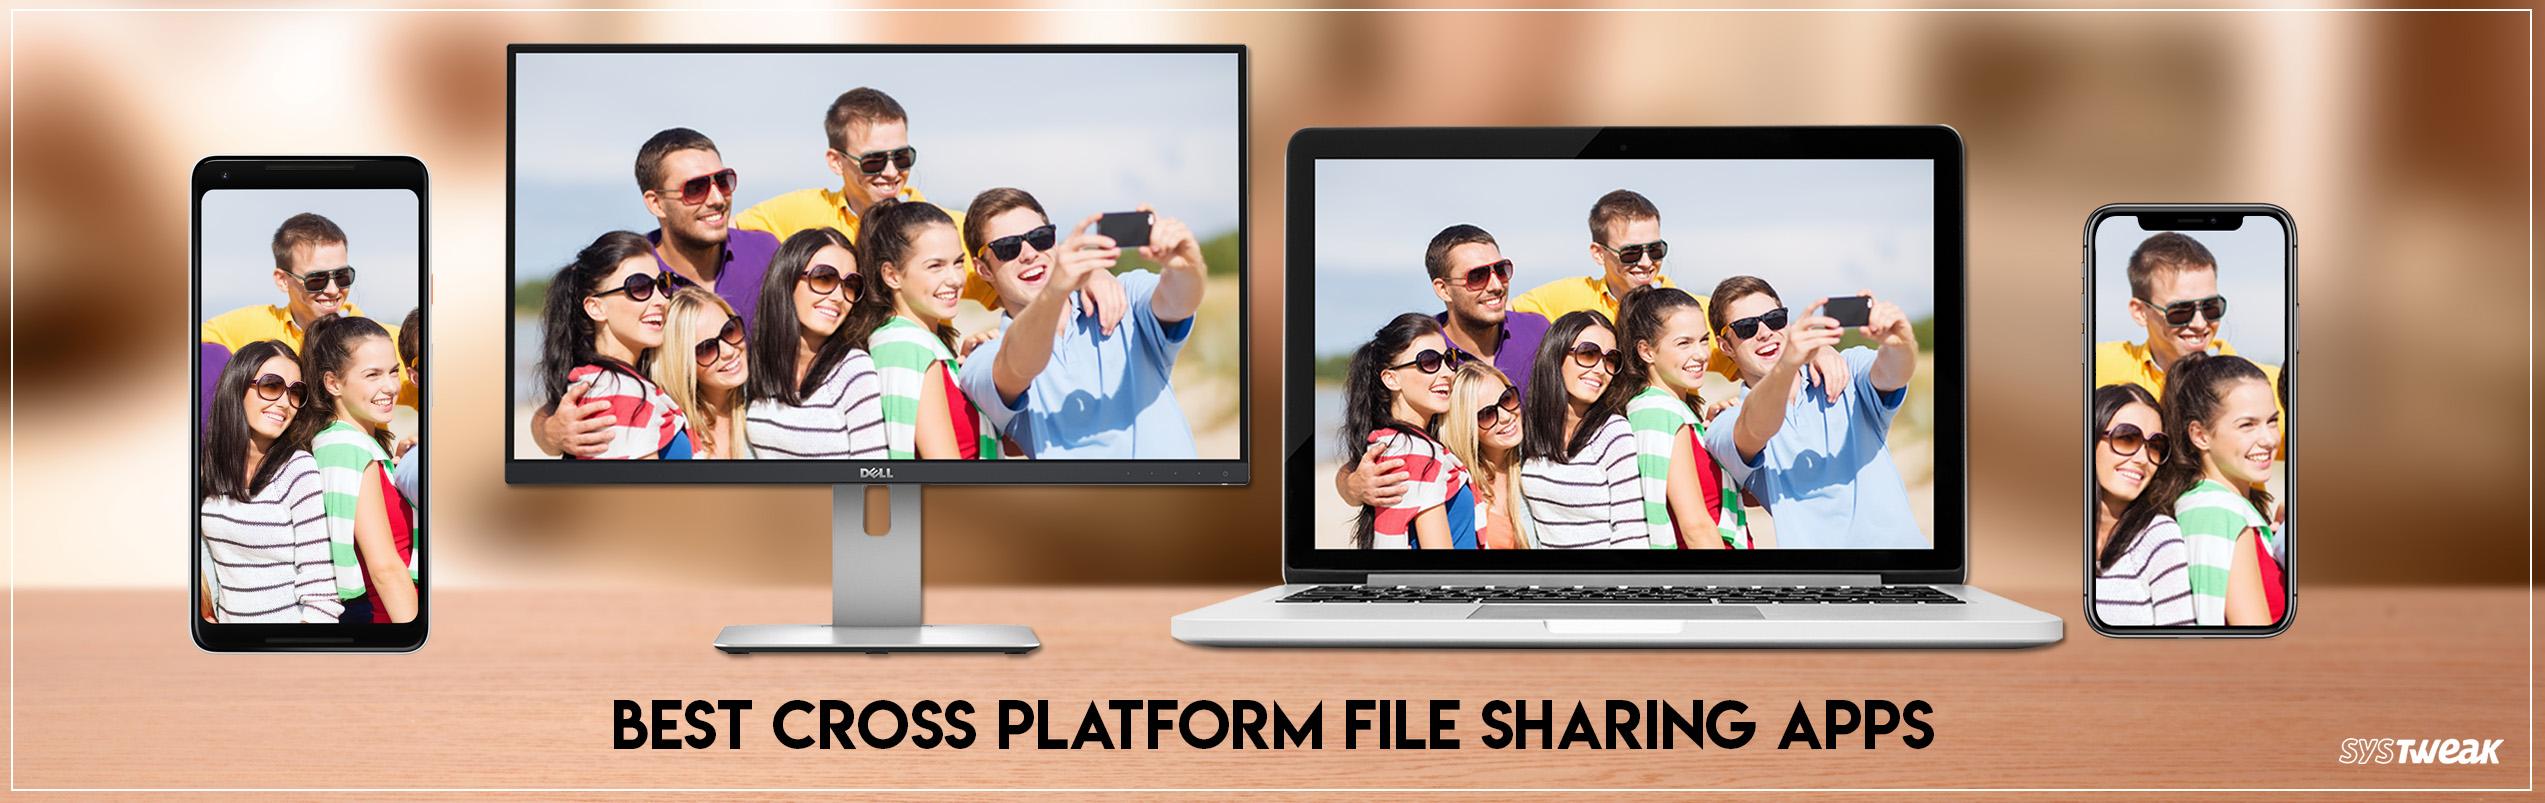 Best Cross Platform File Sharing Apps